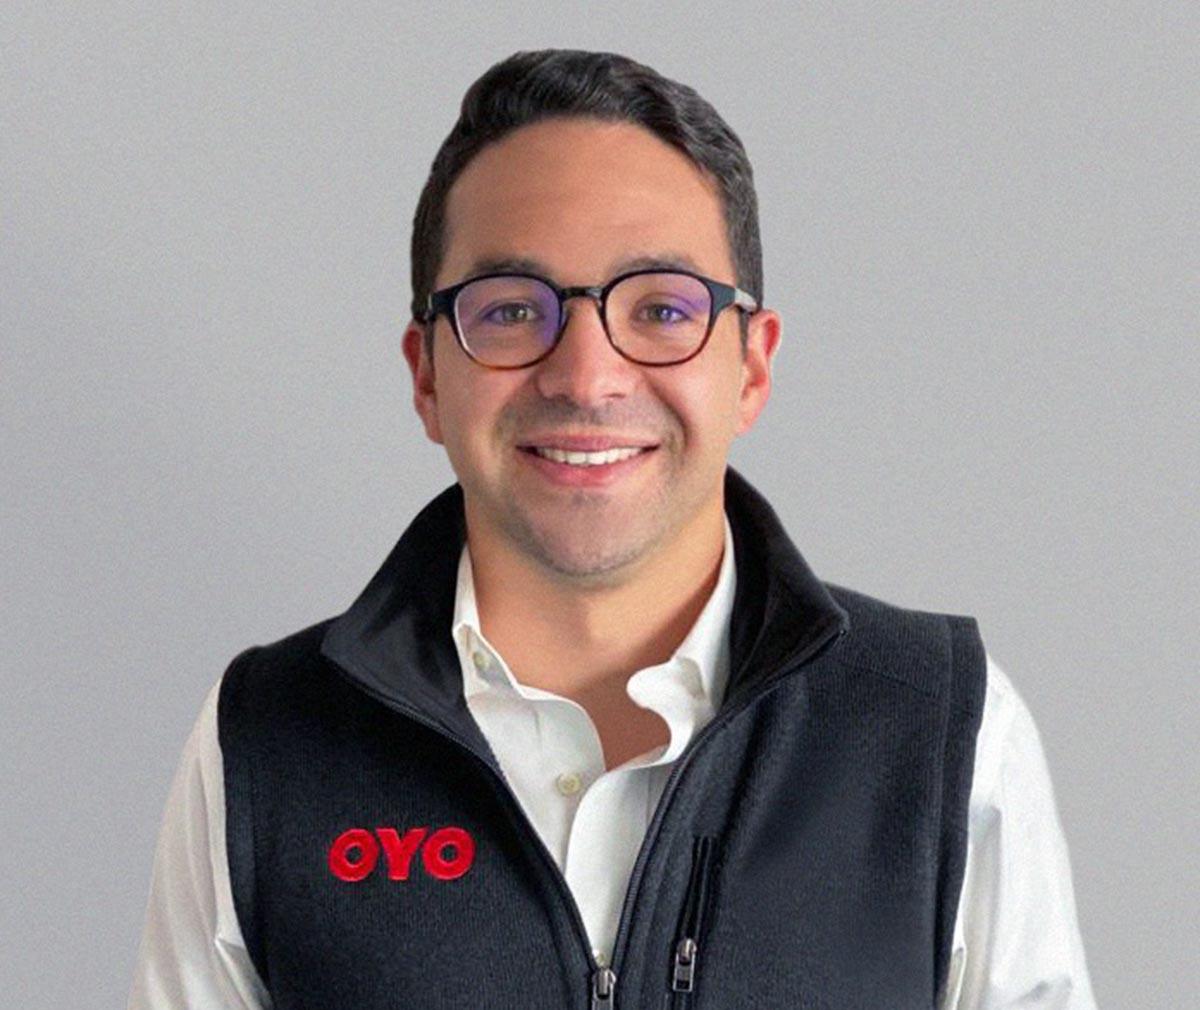 GERMÁN PERALTA NUEVO DIRECTOR OYO HOTELS MÉXICO 01